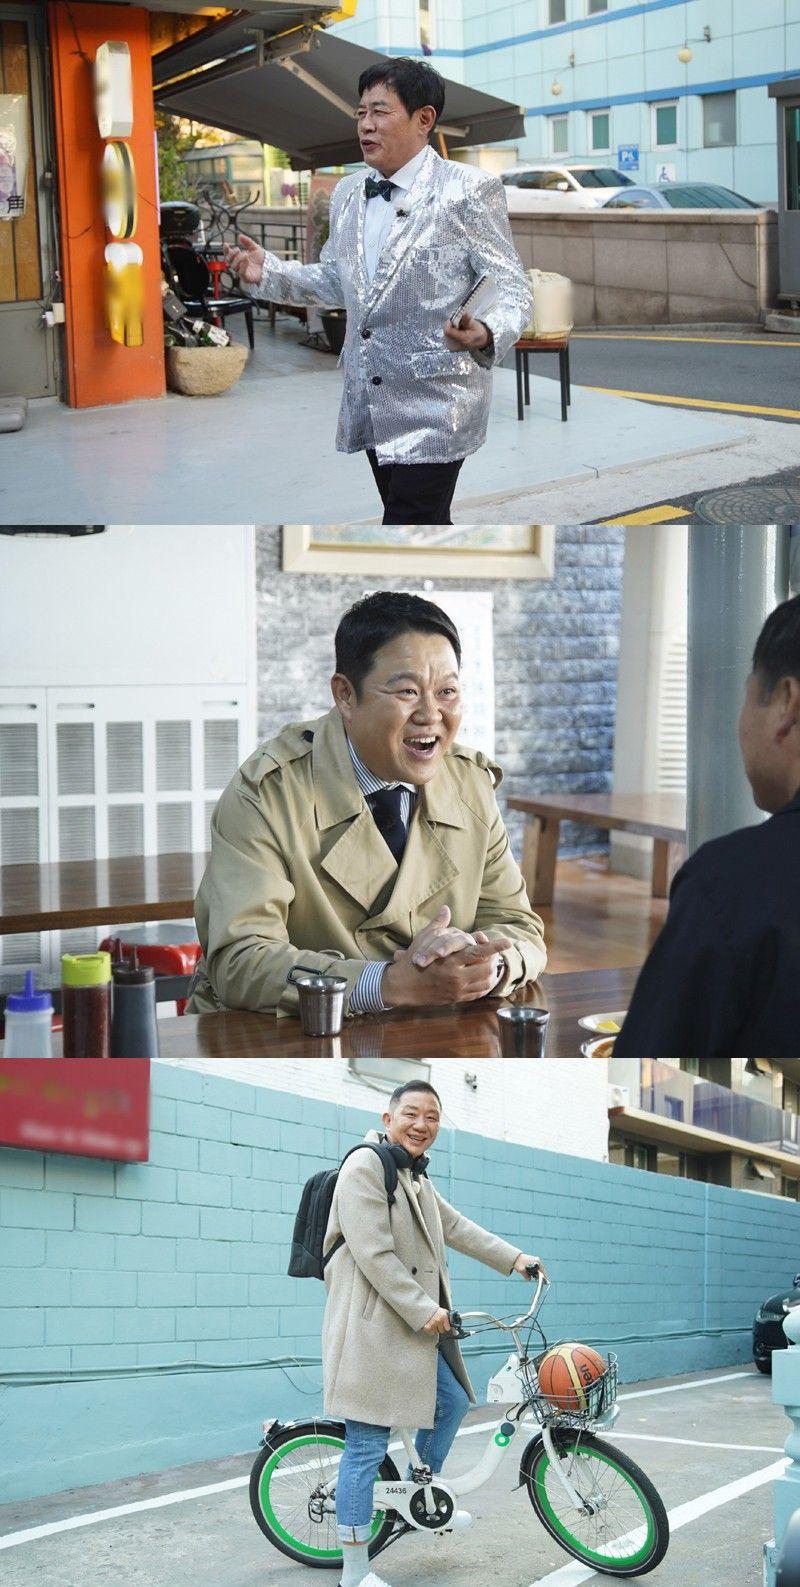 이경규·김구라·허재, 3色 인터뷰 쇼 '막나가쇼'로 뭉쳤다